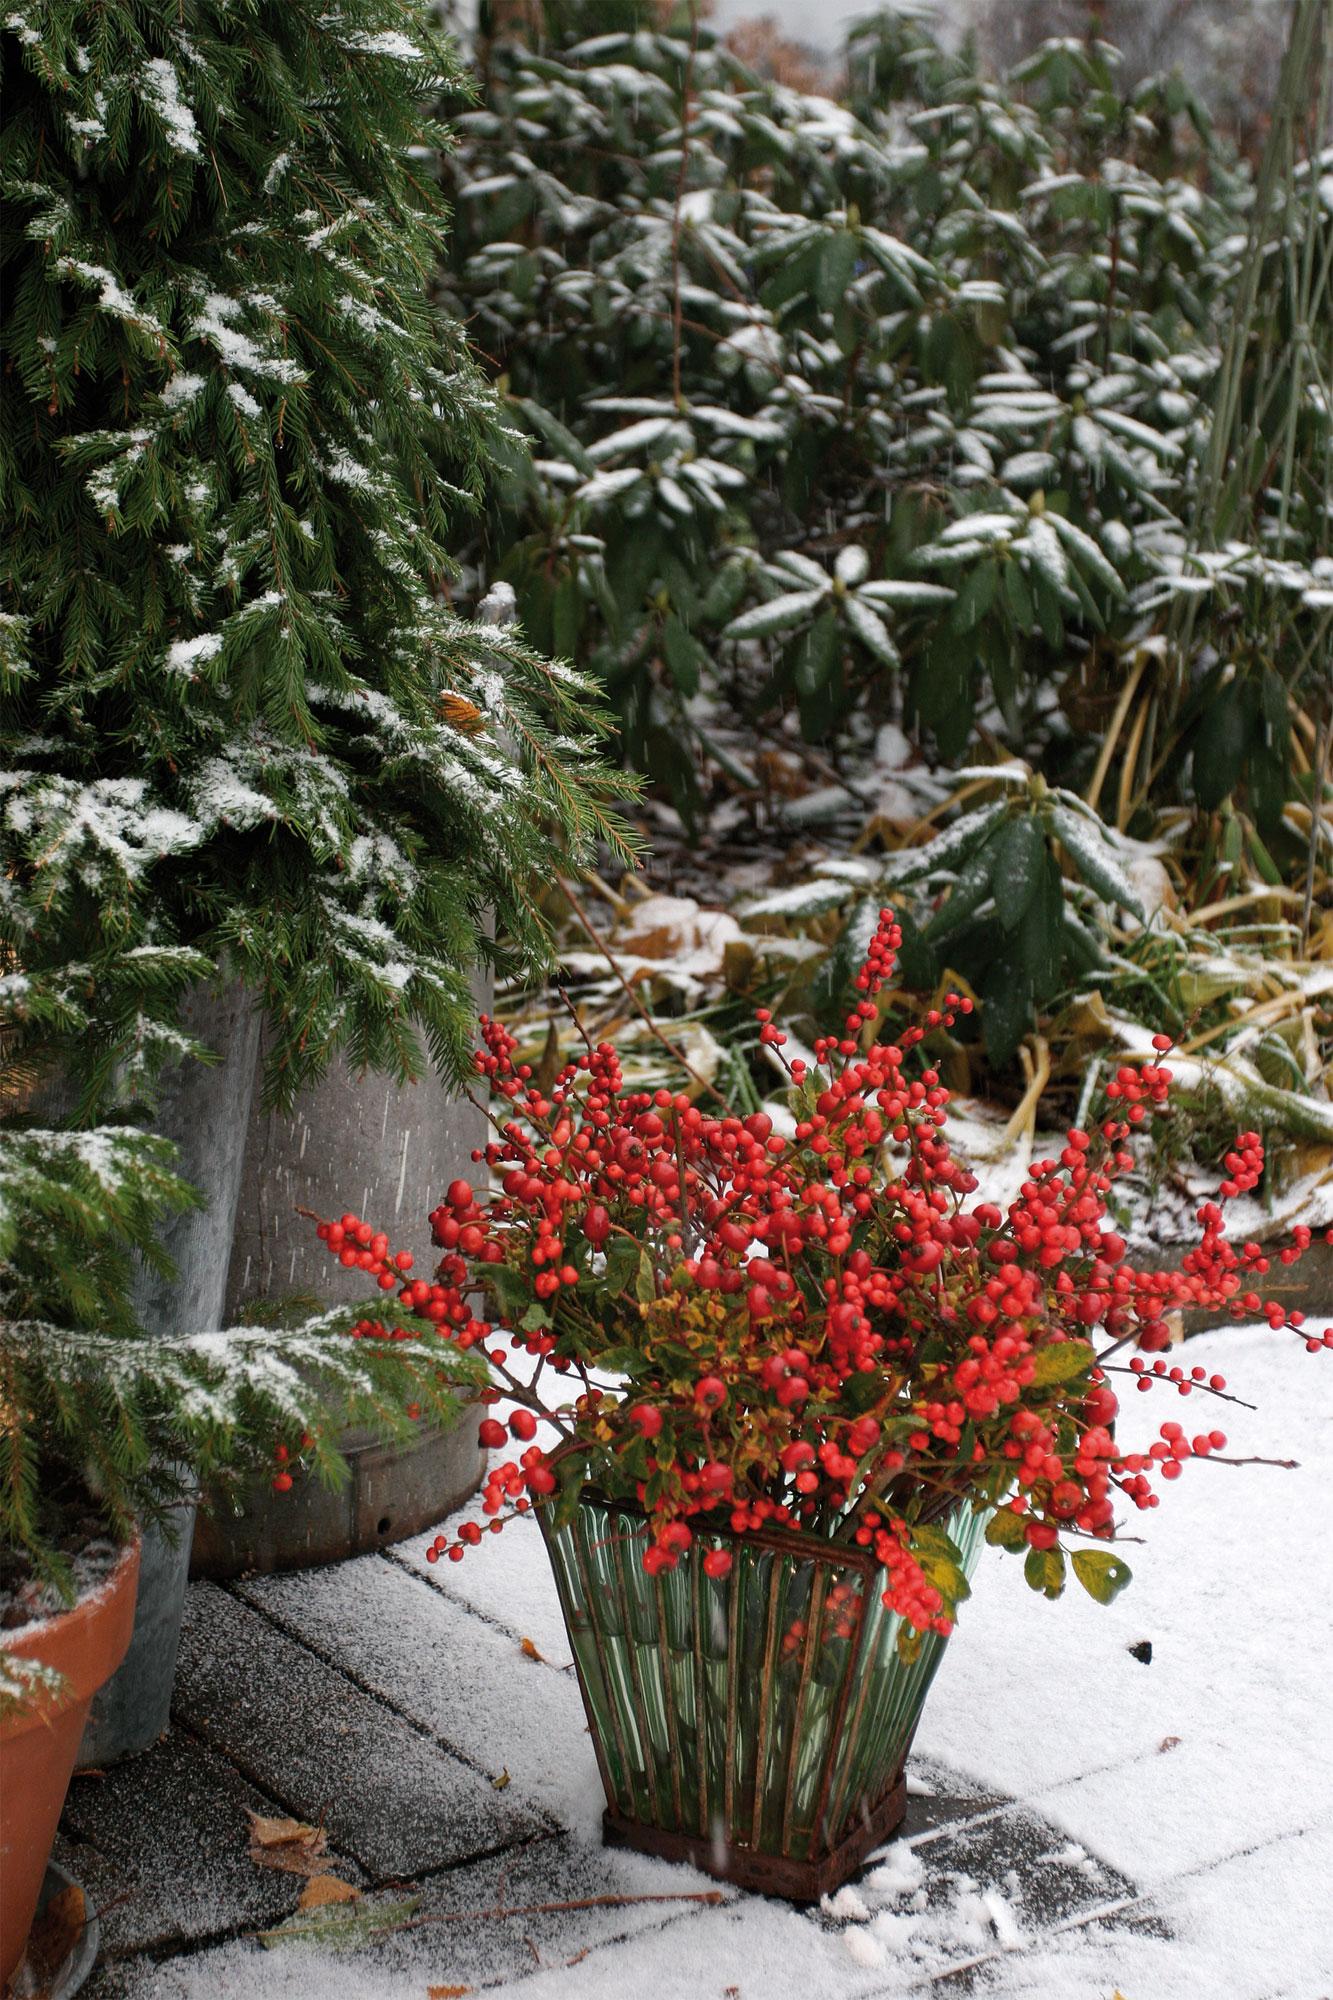 Ainavihanta Orjanlaakeri (Ilex aquifolium) on suosittu joulukoriste muun muassa Britanniassa.